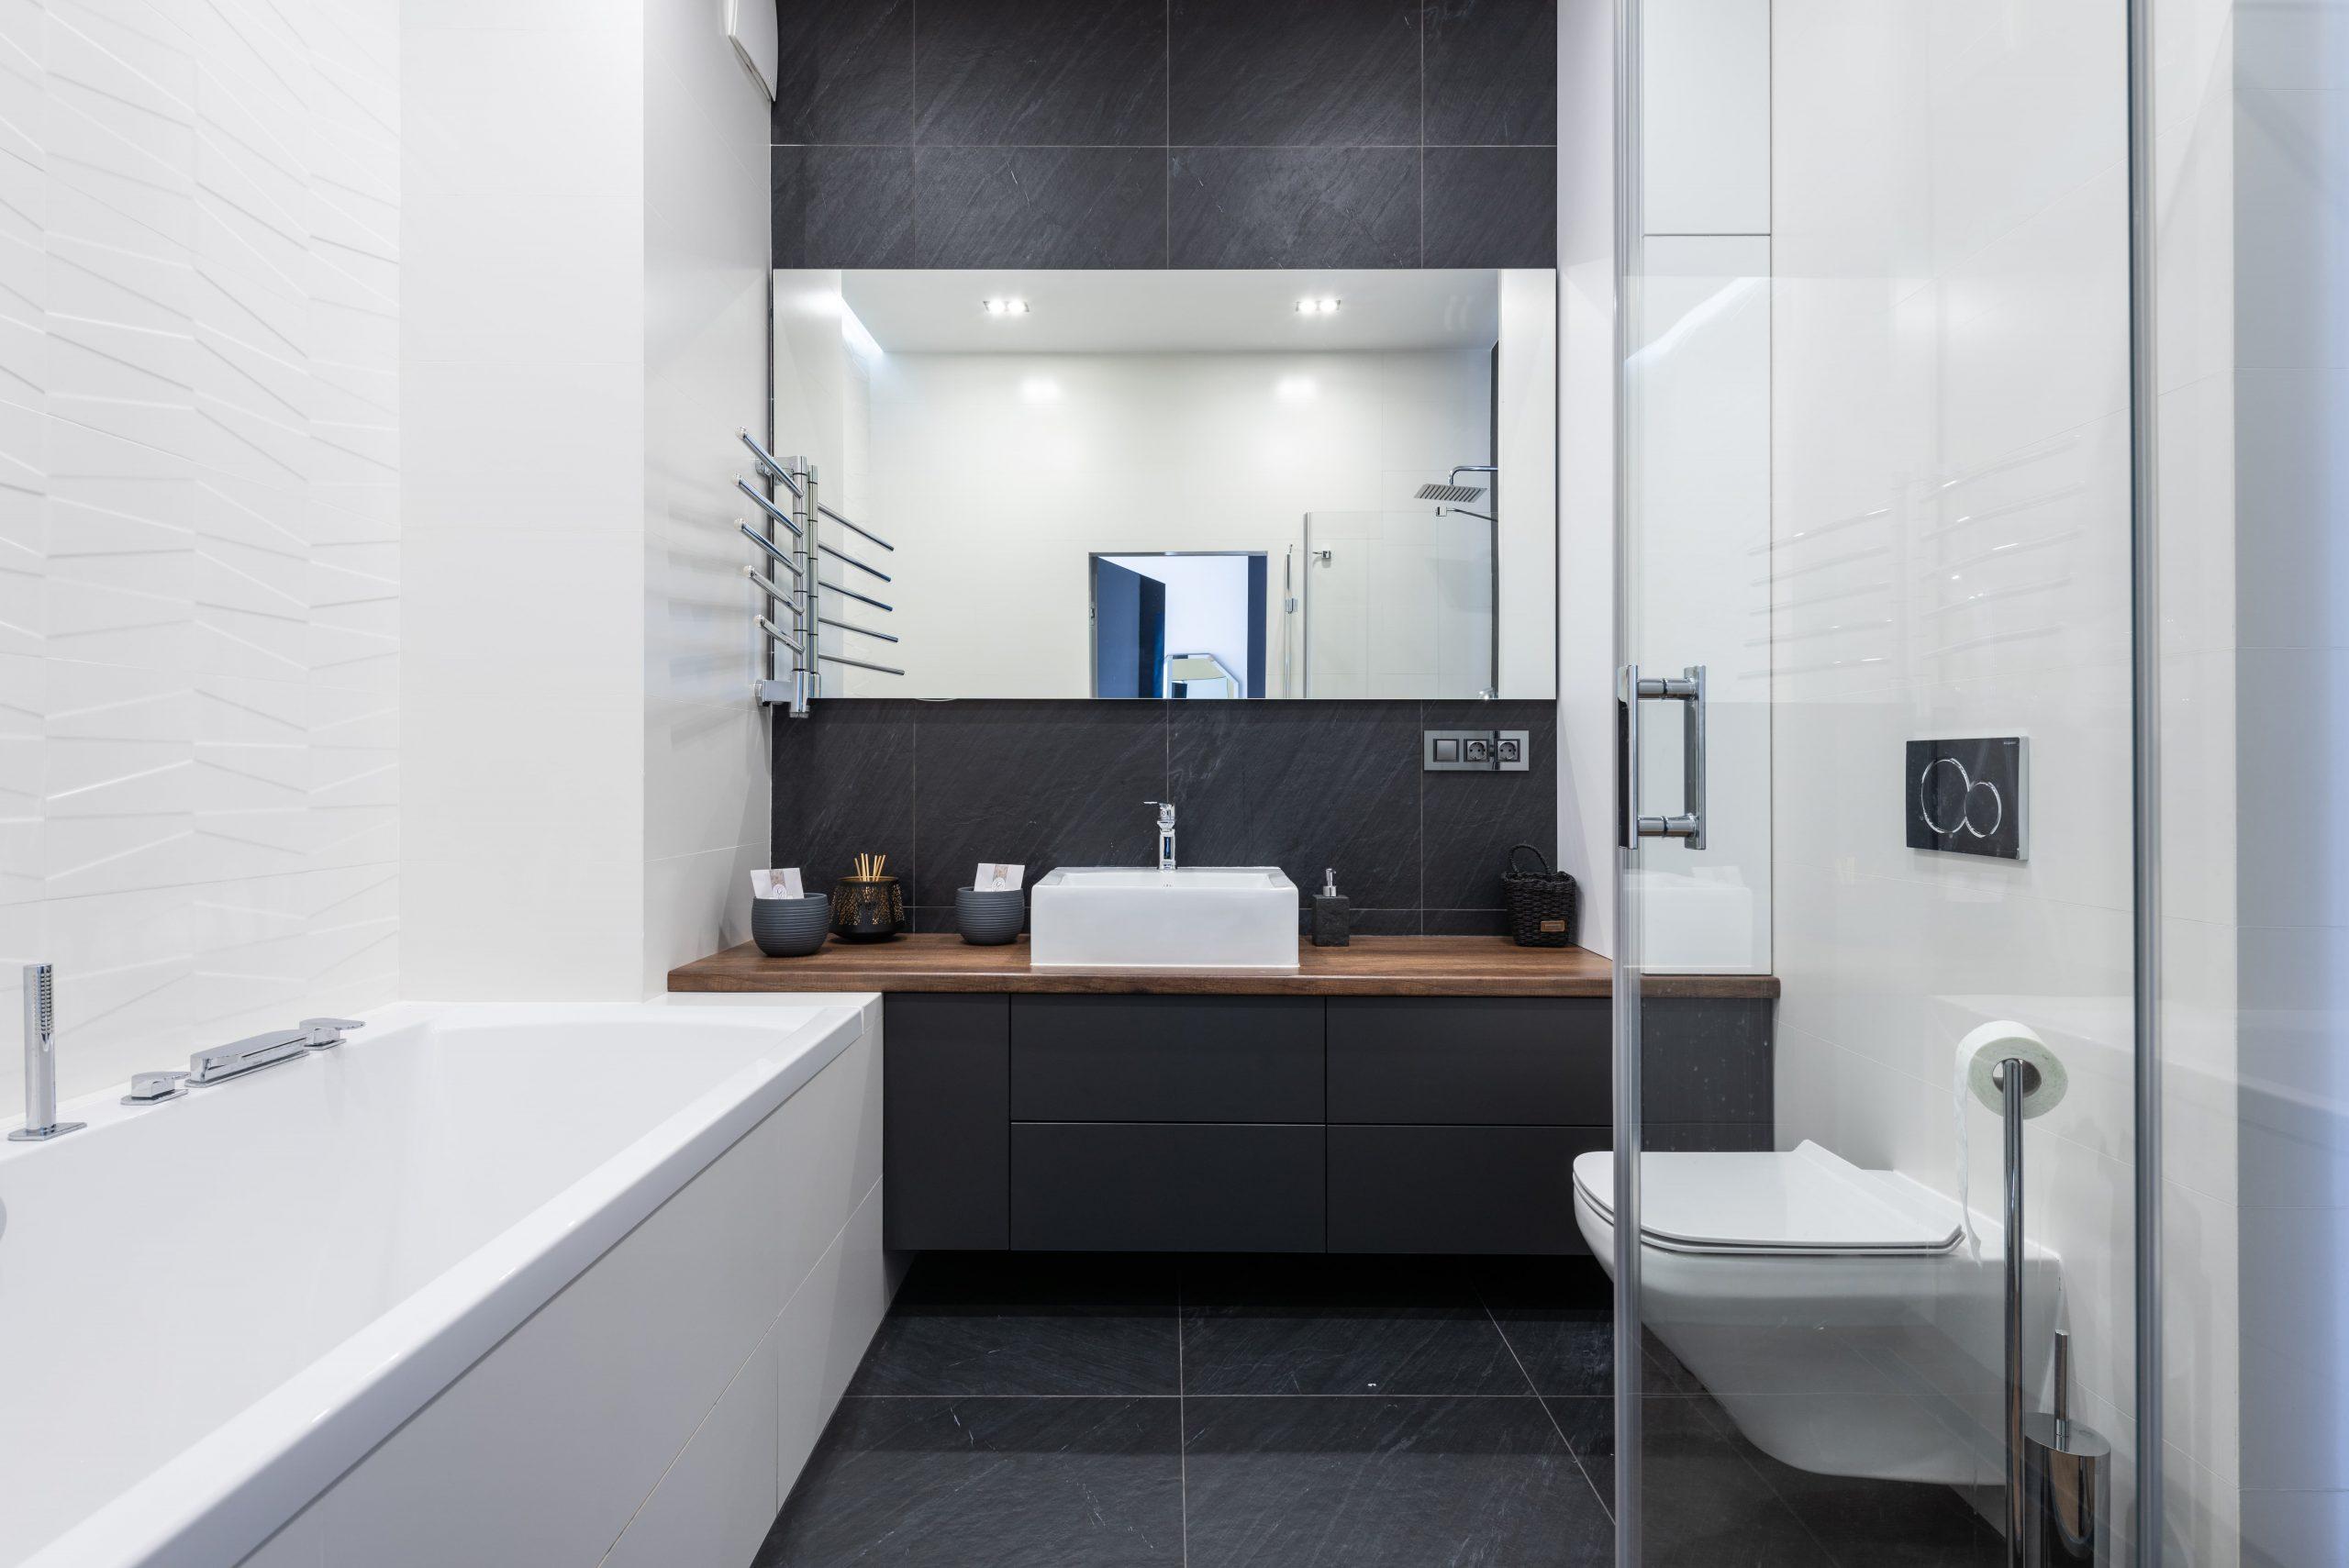 Voegen tegels schoonmaken en ontvetten in de badkamer en keuken